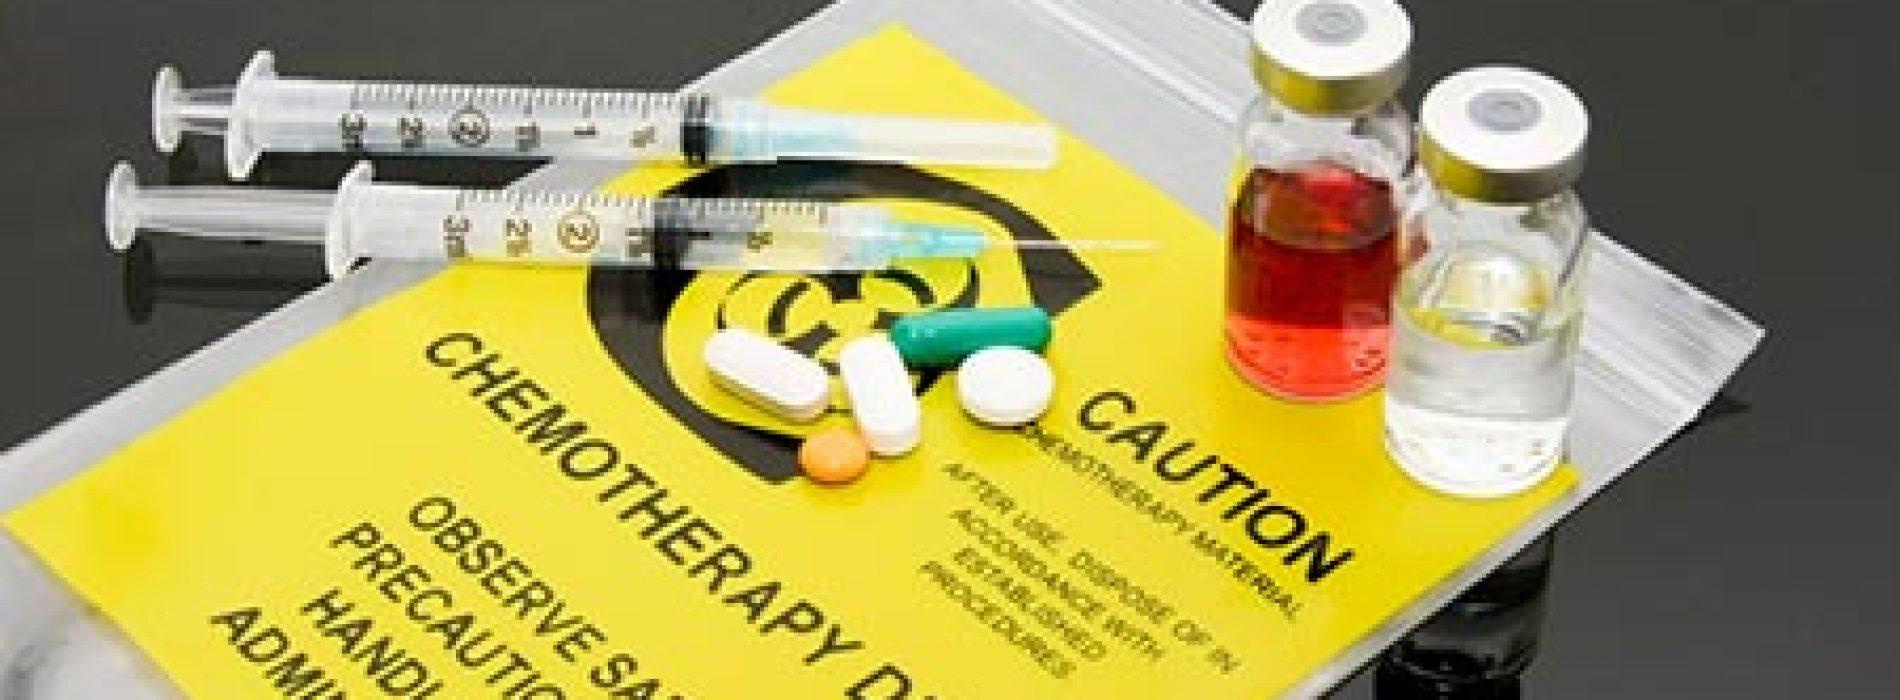 Kanker genezen zonder chemotherapie